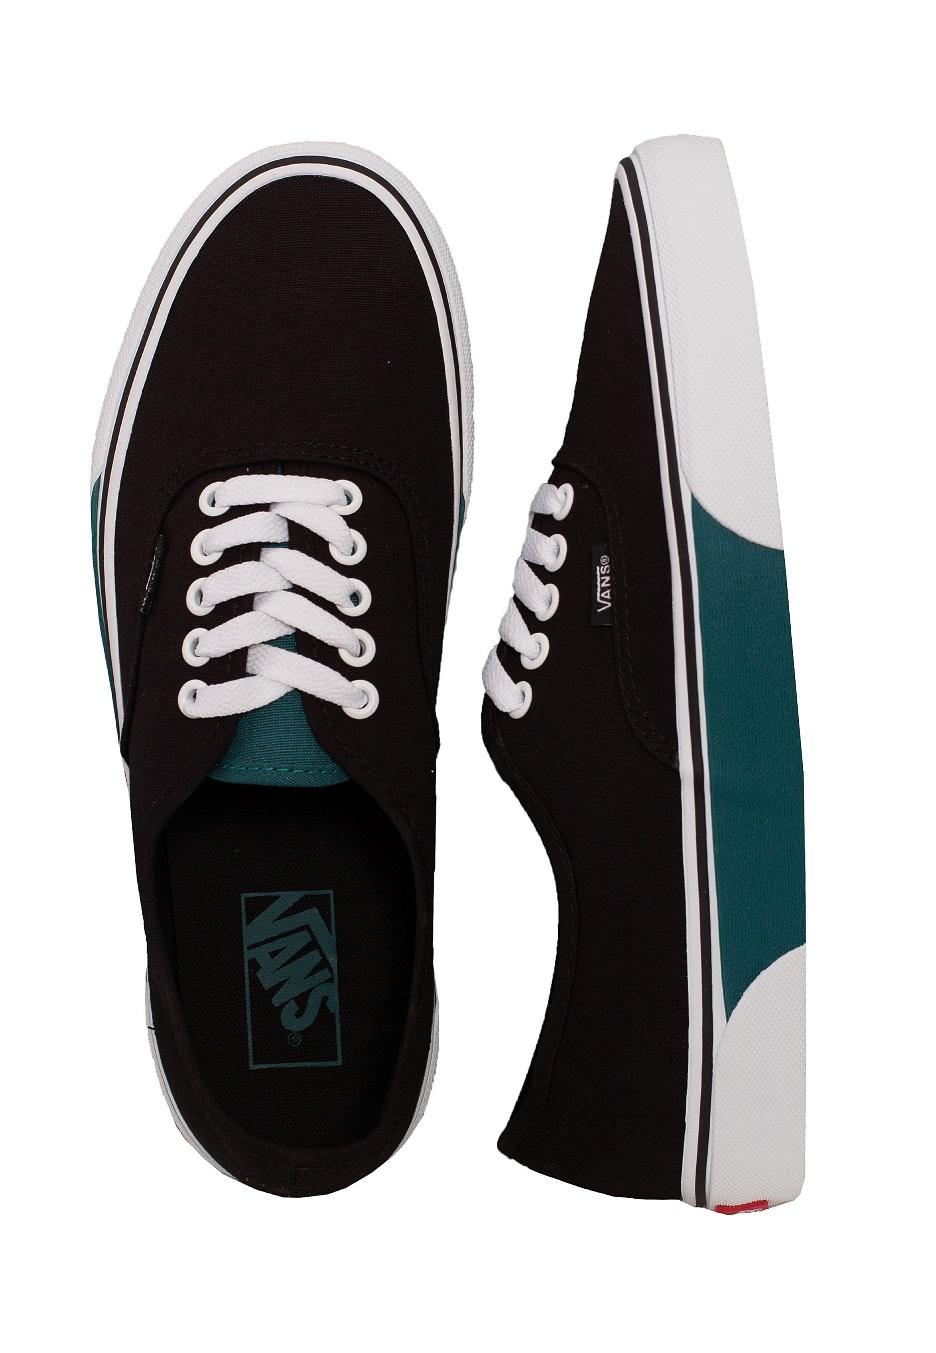 f711d5c1bcd3 Vans - Authentic Color Block Black Quetzal Green - Shoes - Impericon.com US